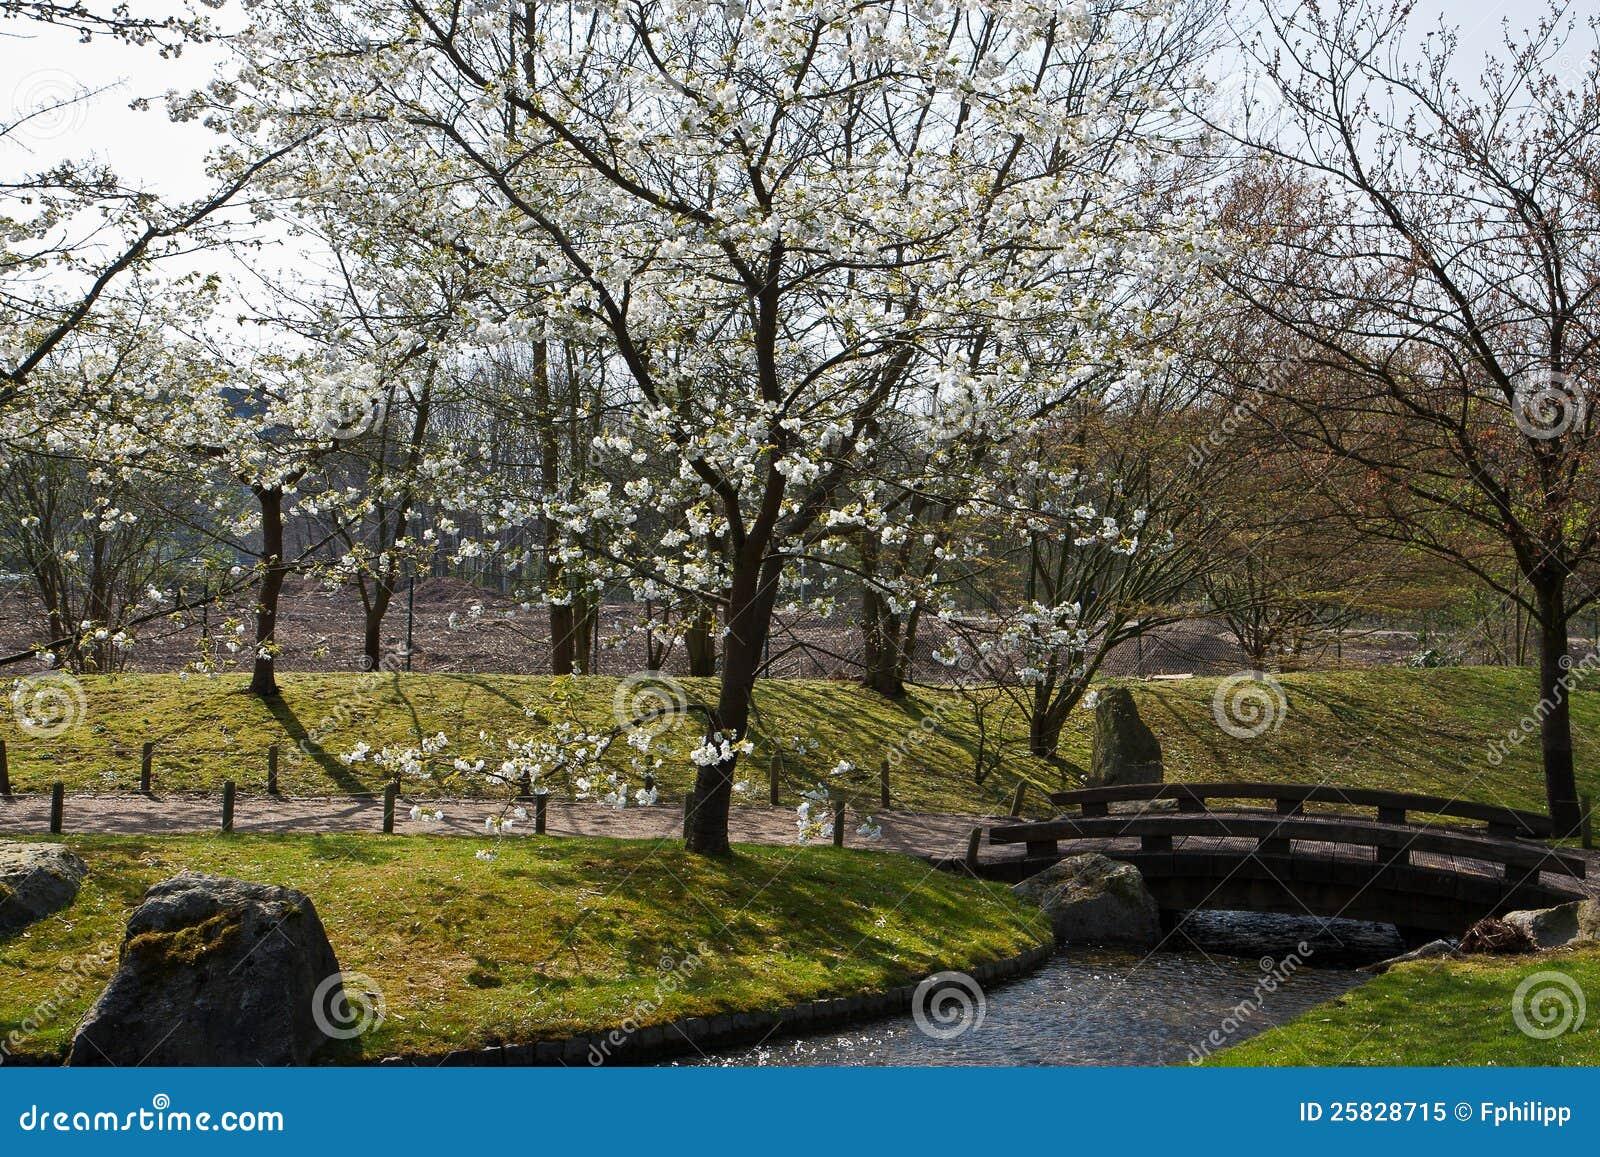 Jardin japonais hasselt belgique photo libre de droits for Jardin belgique